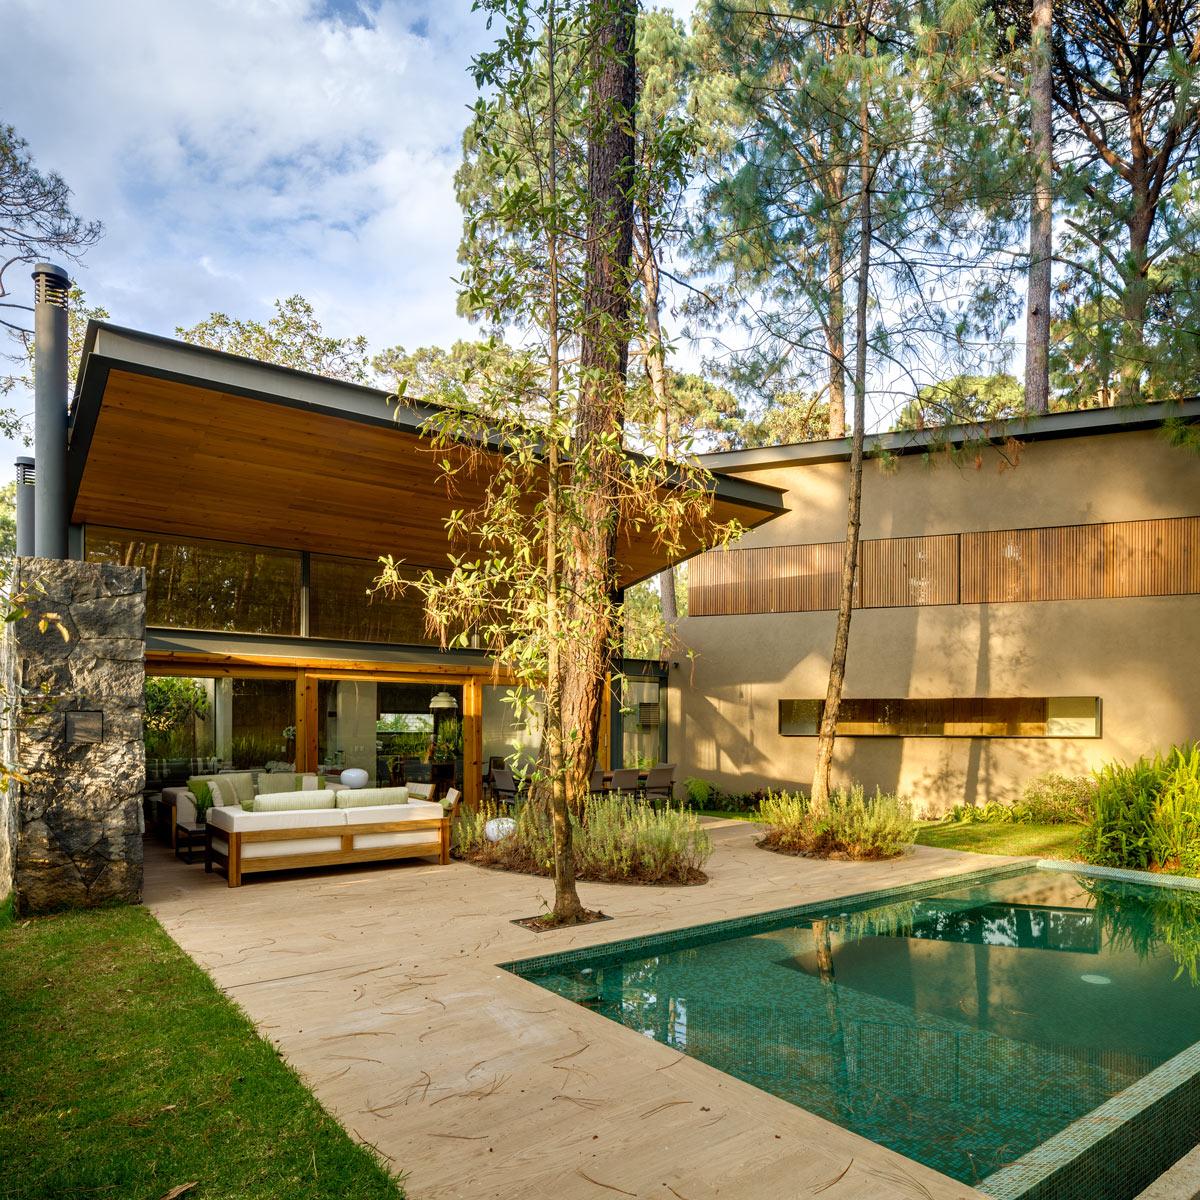 Estudio de Interiores: Weber Arquitectos crea lujuosos y exclusivos ambientes estudio de interiores Estudio de Interiores: Weber Arquitectos crea lujuosos y exclusivos ambientes Featured 1